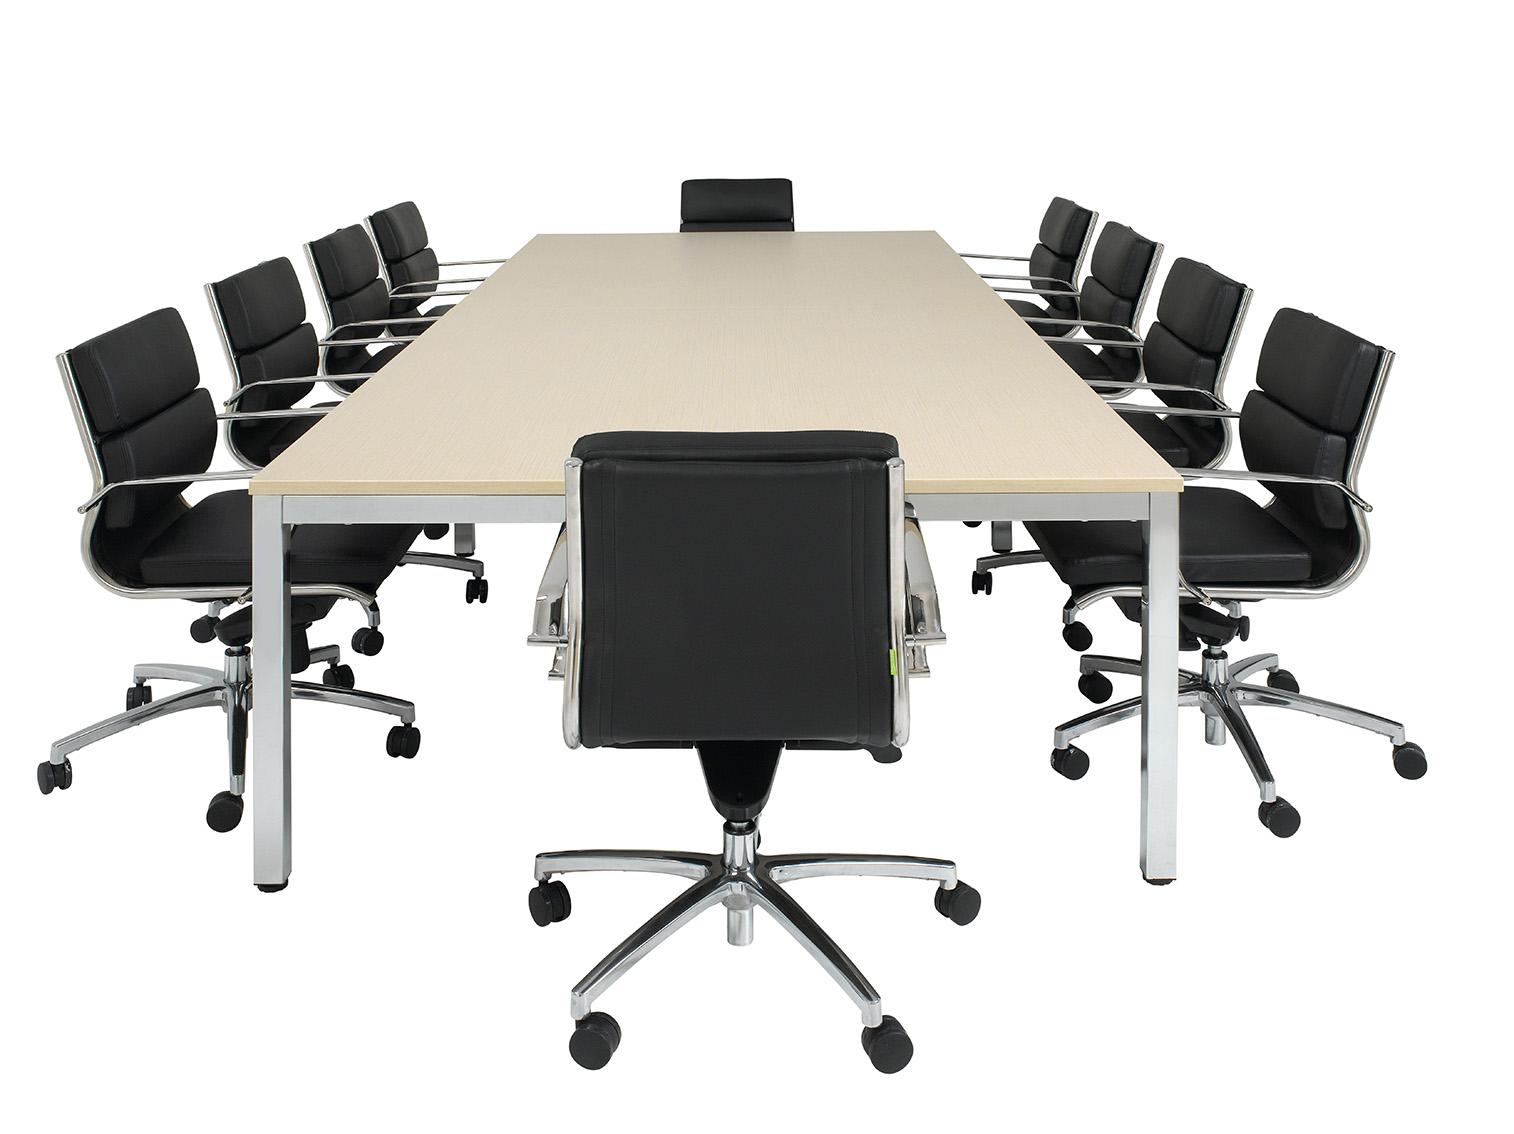 Vortex Meeting Table | AJM Commercial InteriorsAJM Commercial